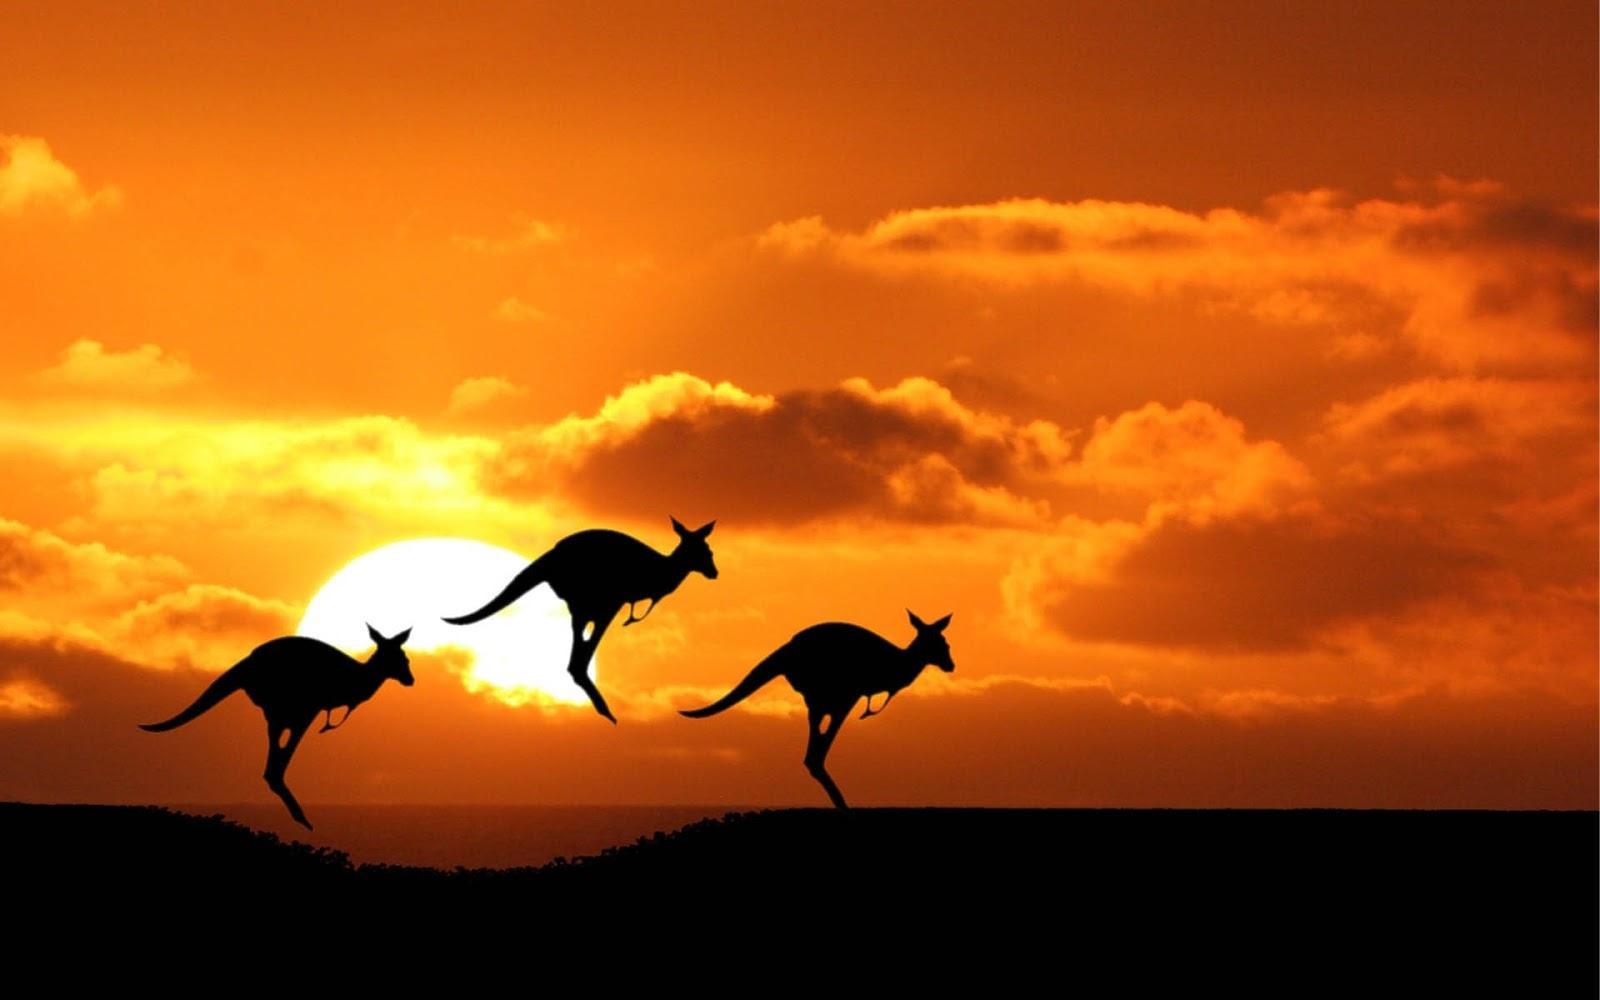 有移民倾向的福建学生真的拿不到澳洲签证吗?